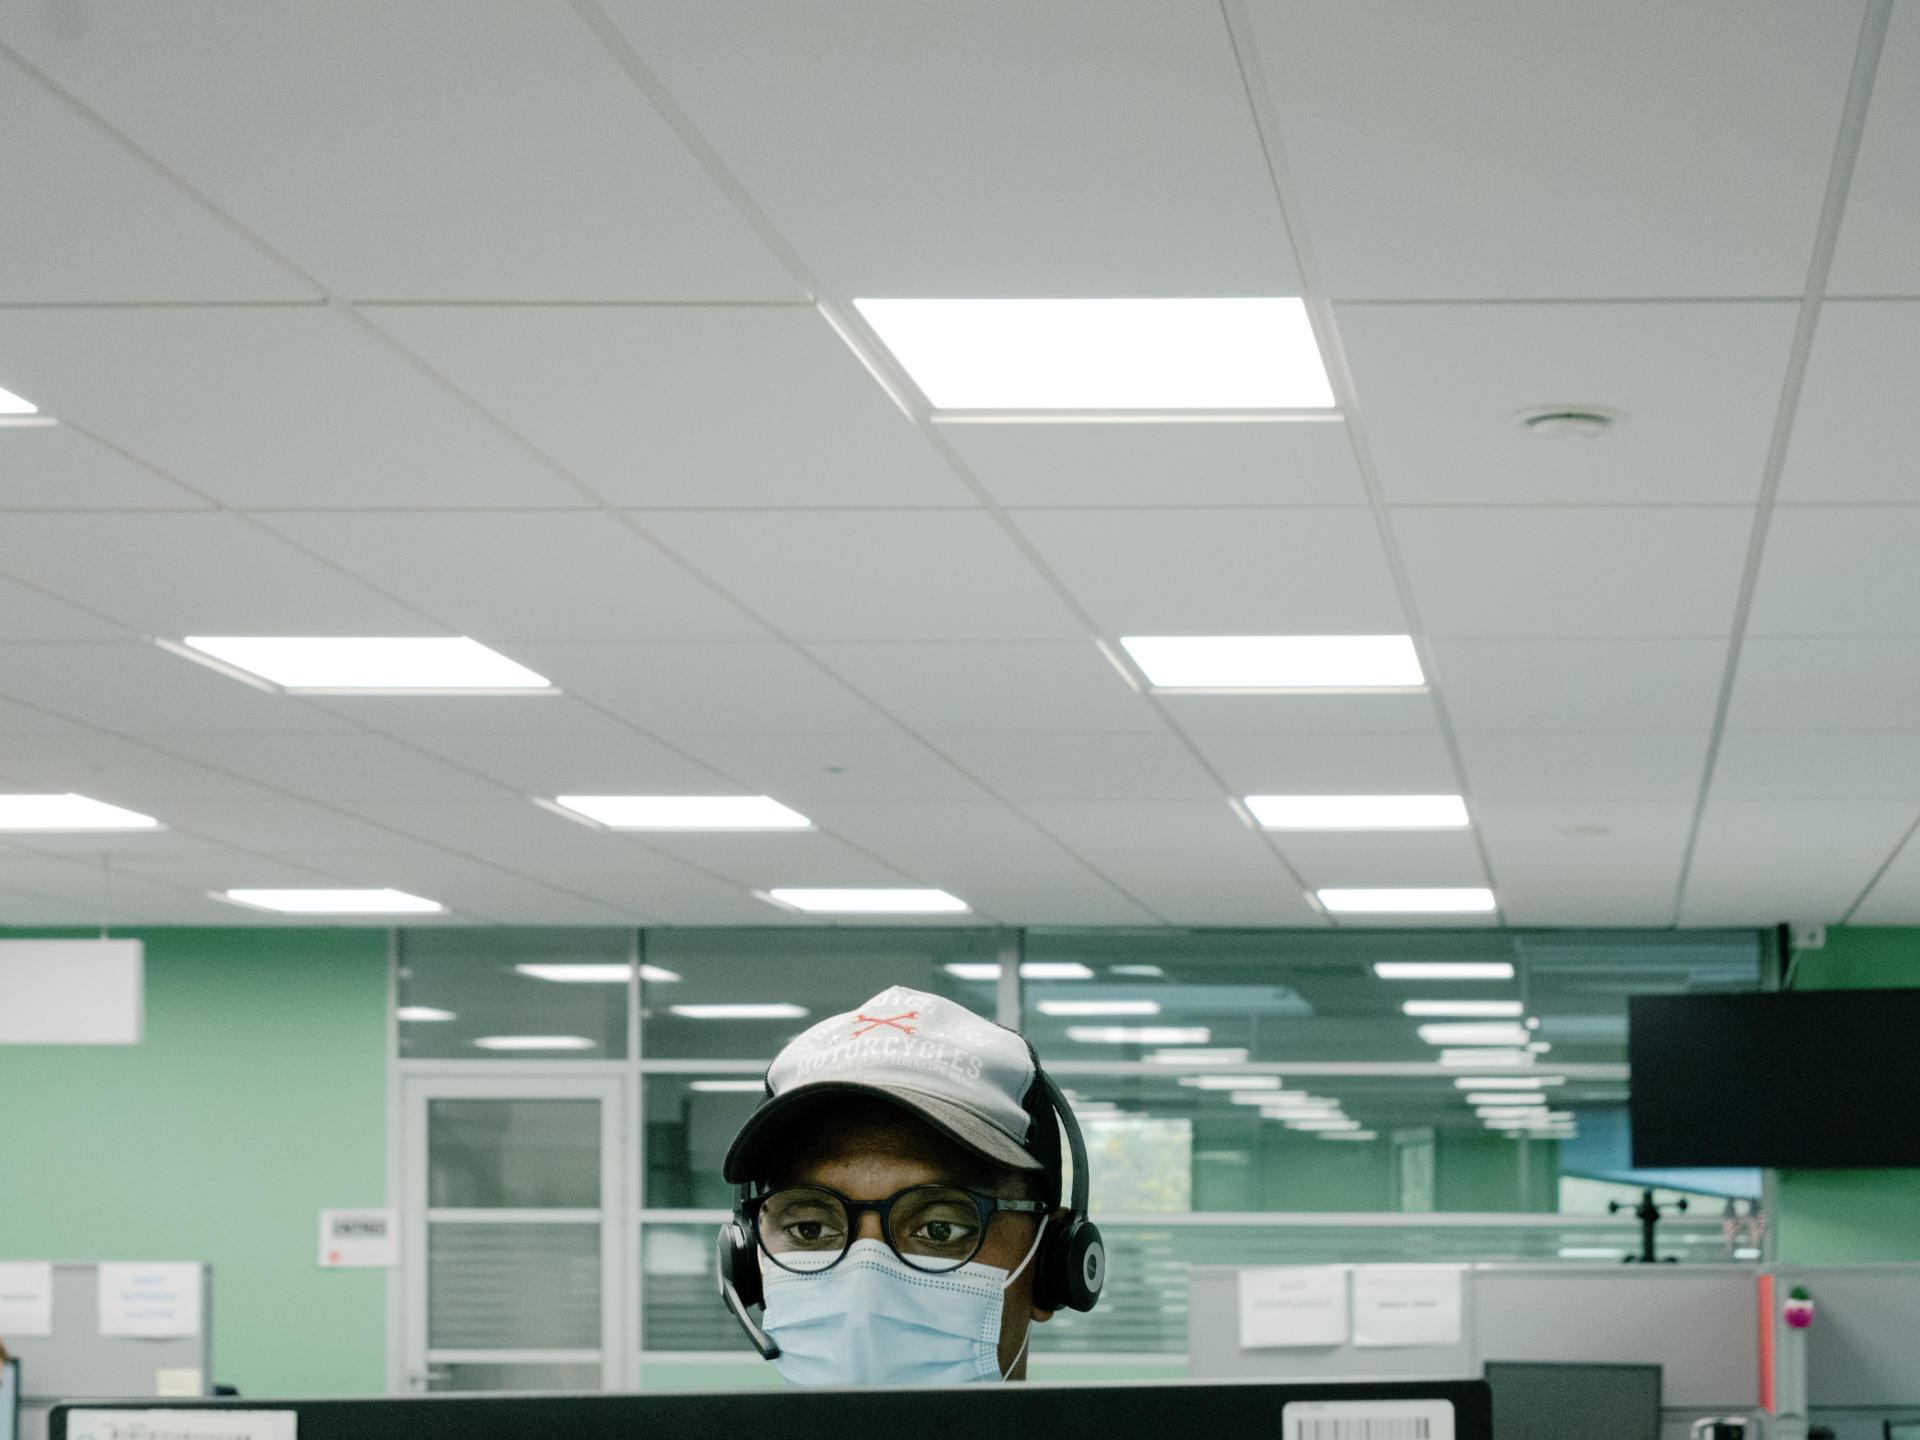 Yannick Anner, collaborateur en charge du traçage des cas contacts, à la plate-forme d'appels CPAM de Villeneuve d'Ascq (Nord), le 25 novembre.